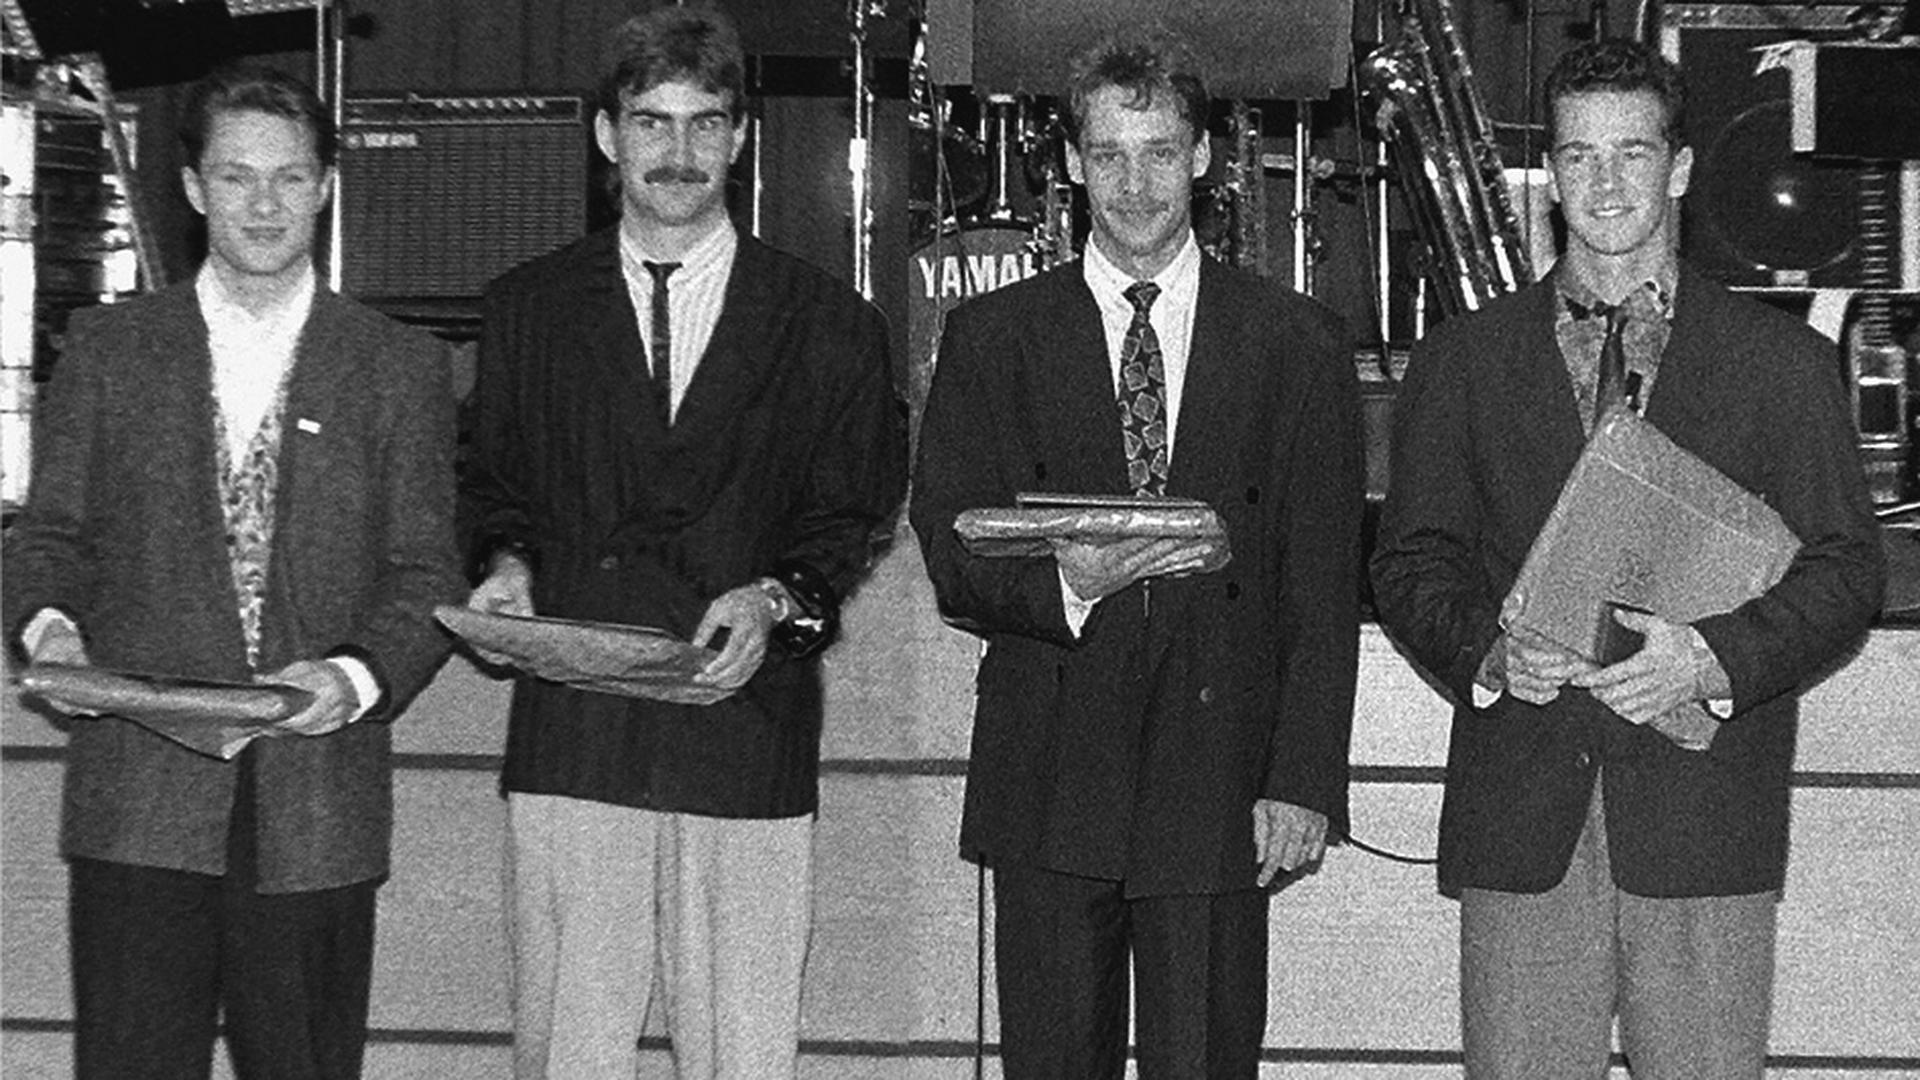 Dirk Hartmann, Helmut Gleichauf, Bernhard Malzacher, Rolf Kistner